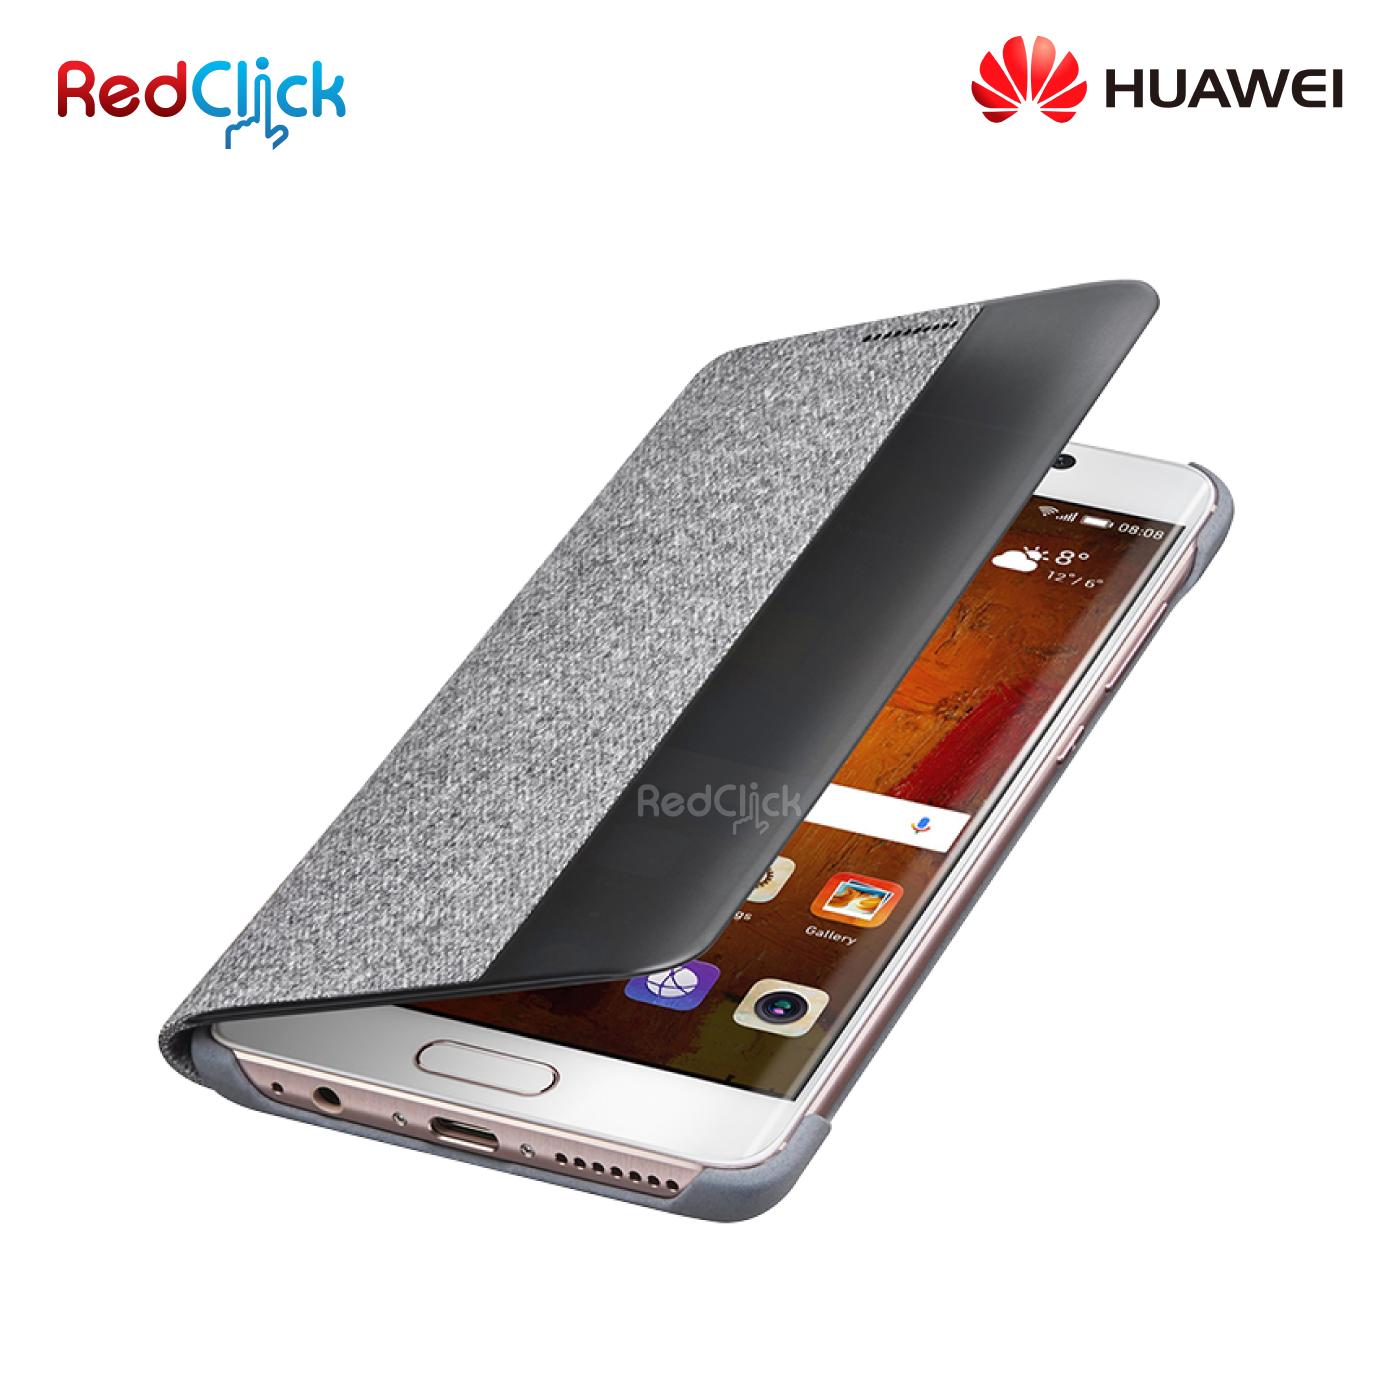 online retailer 9a325 e9e1b Original Huawei Mate 9 Pro Smart View Sensor Flip Case